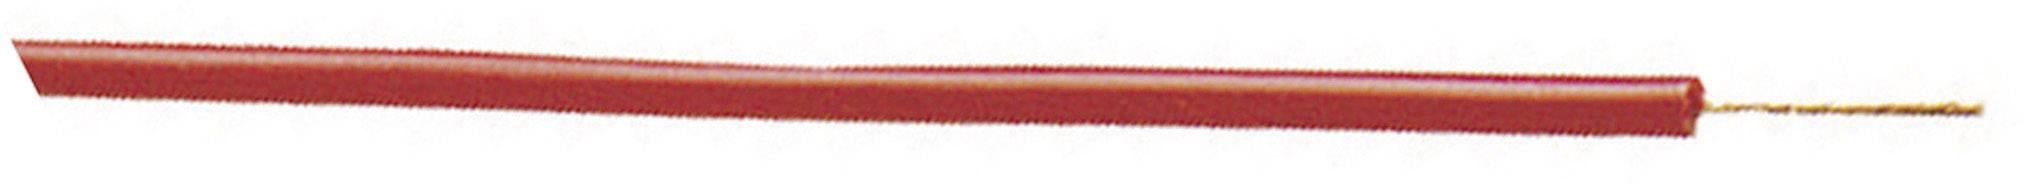 Opletenie / lanko Stäubli 61.7551-10027 SILI-E, 1 x 0.25 mm², vonkajší Ø 1.70 mm, metrový tovar, hnedá